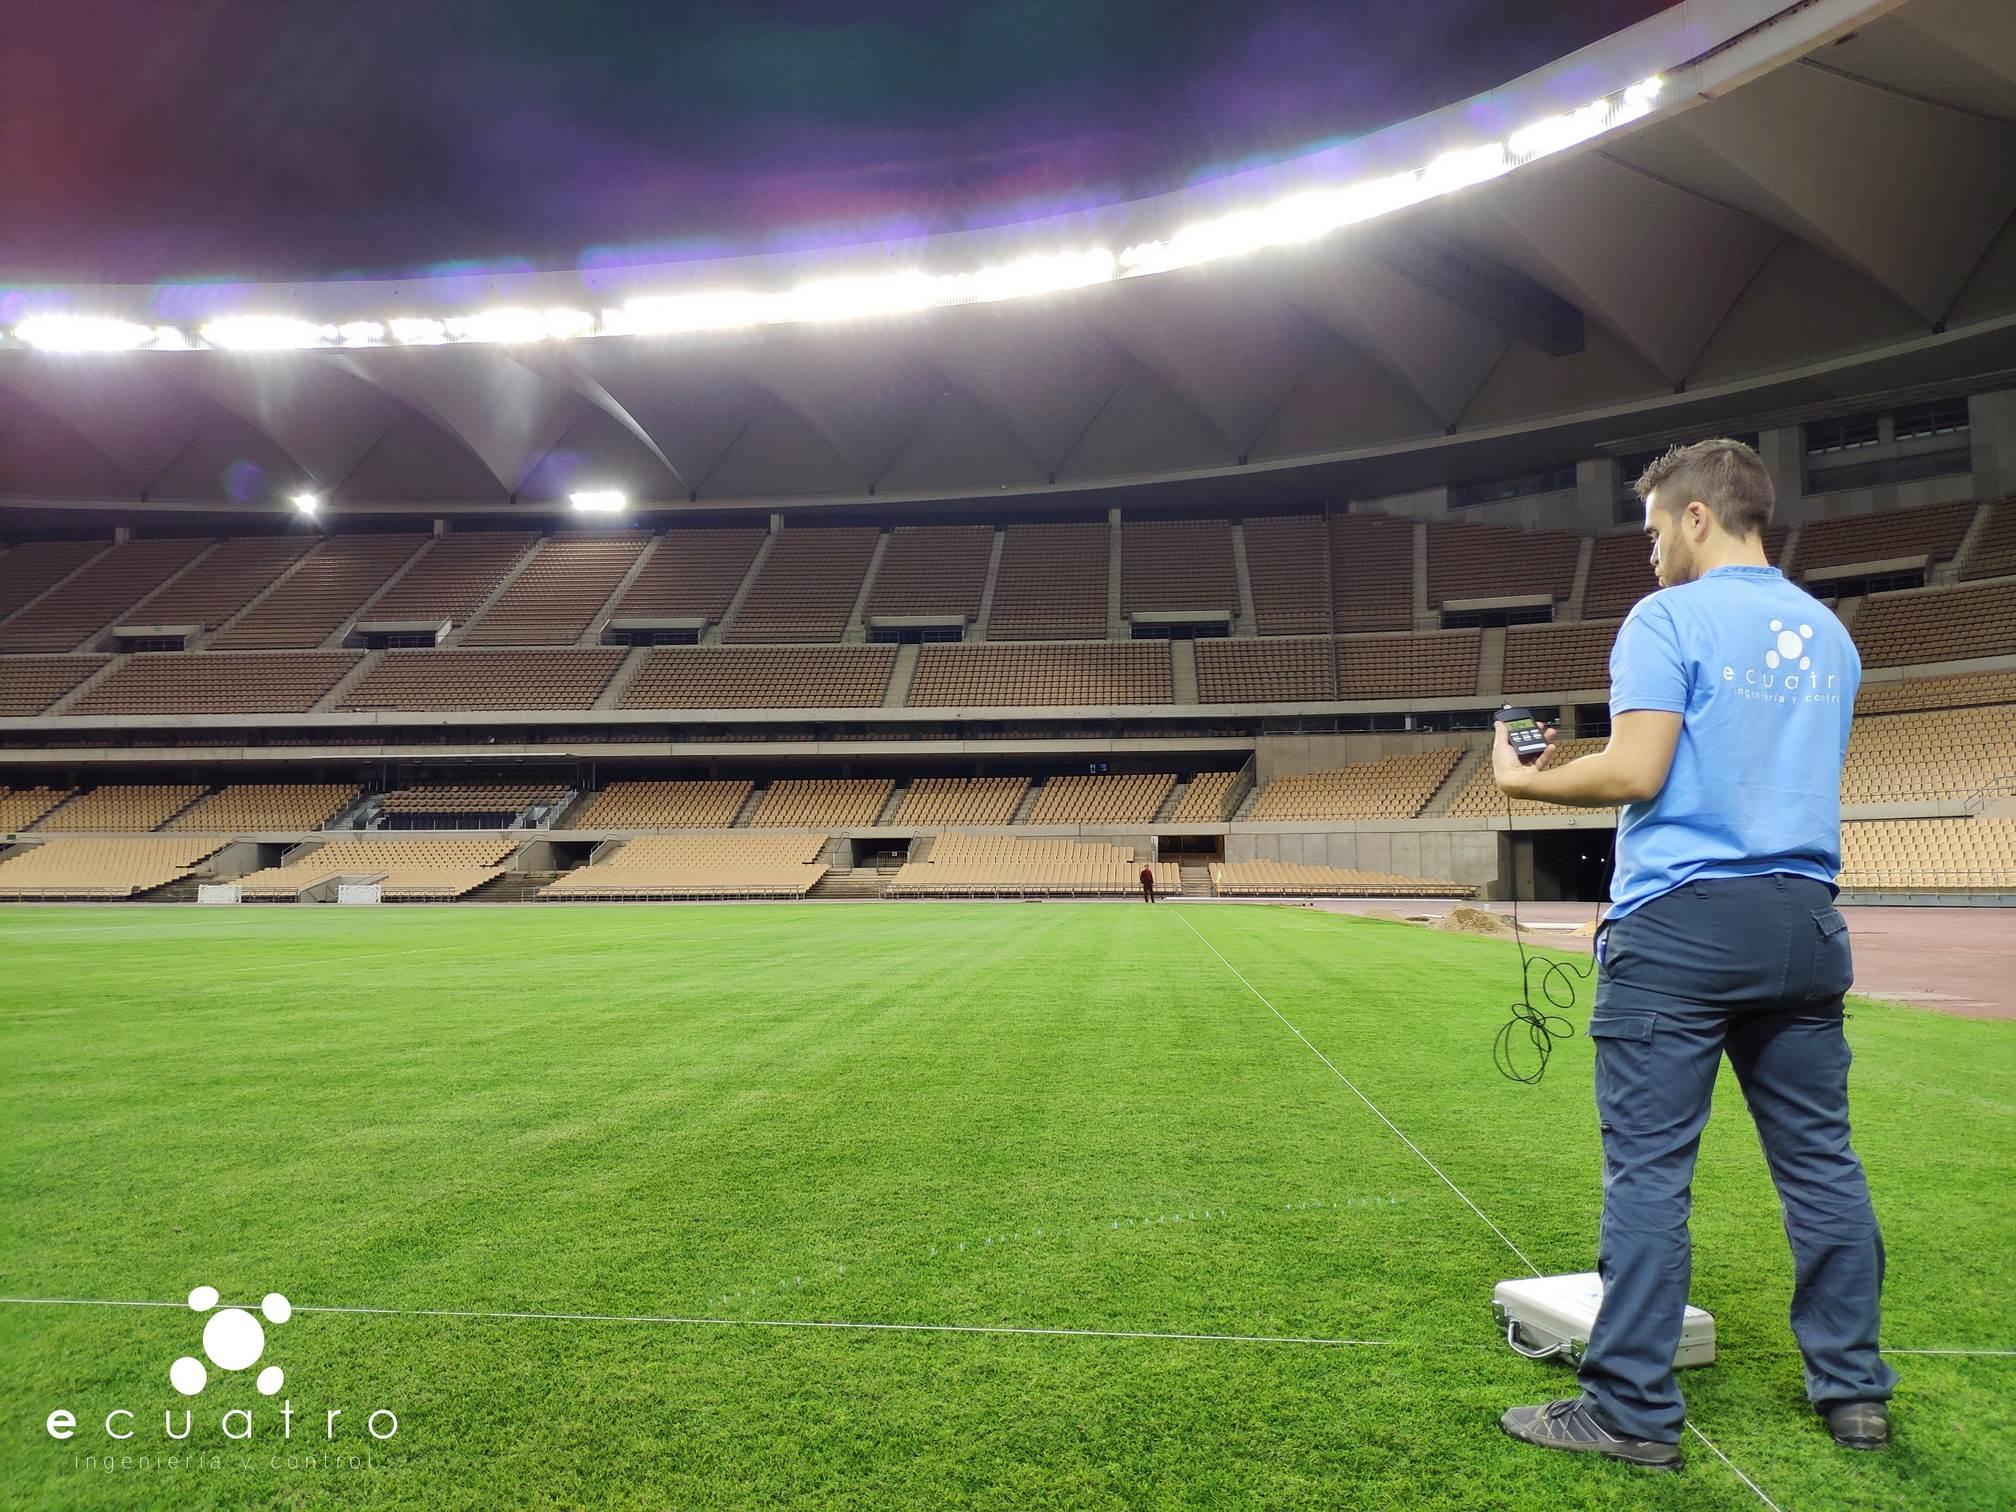 Estadio Olímpico de La Cartuja, Sevilla